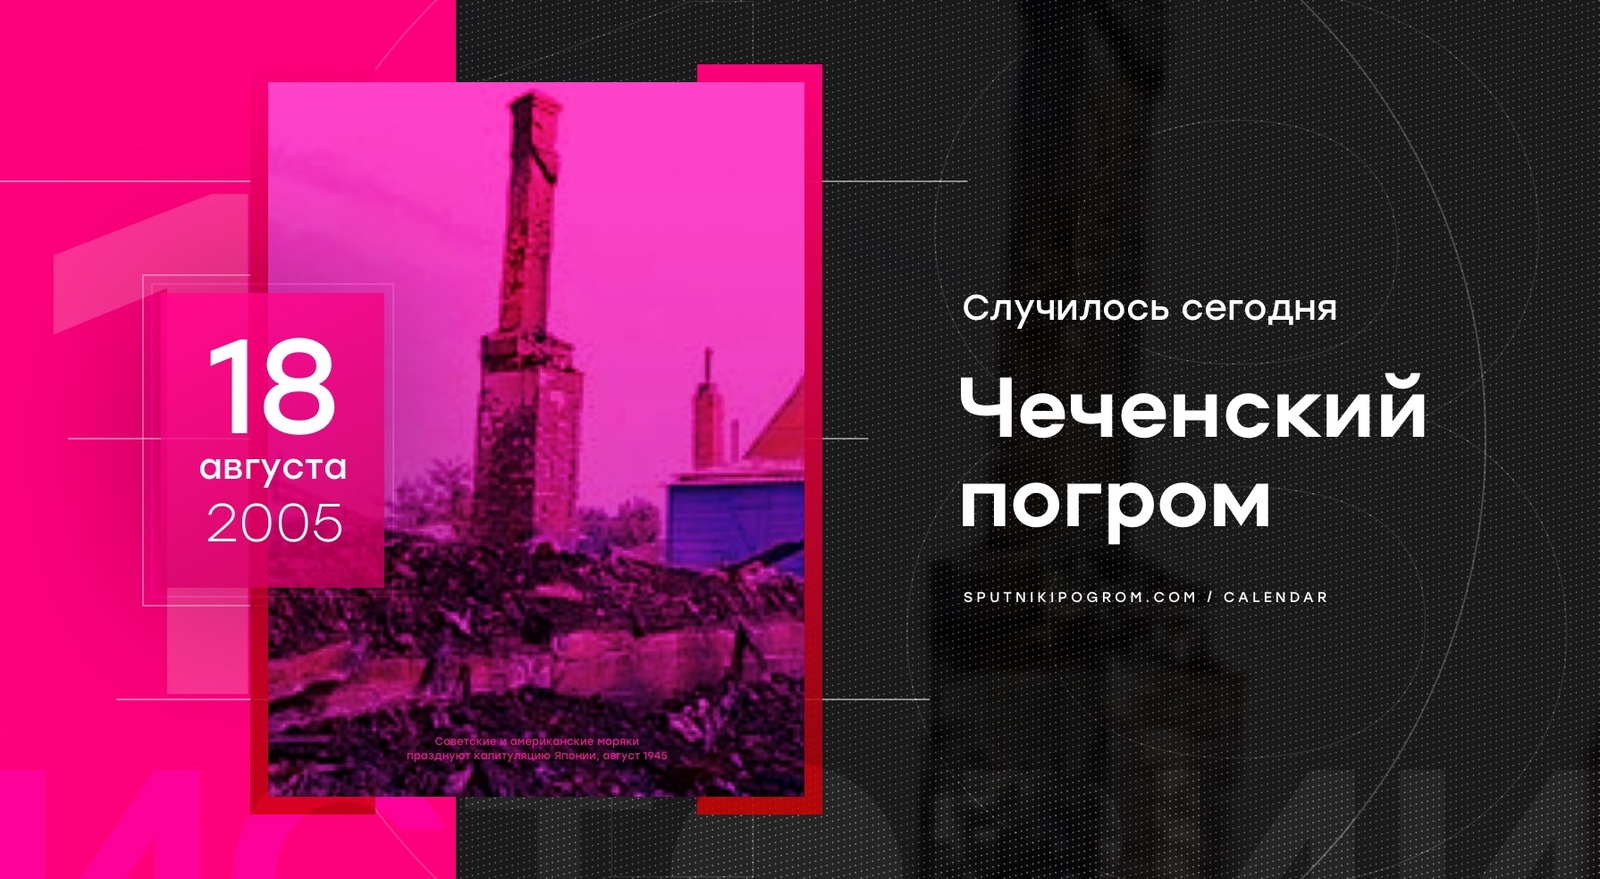 Иди нахуй по чеченски